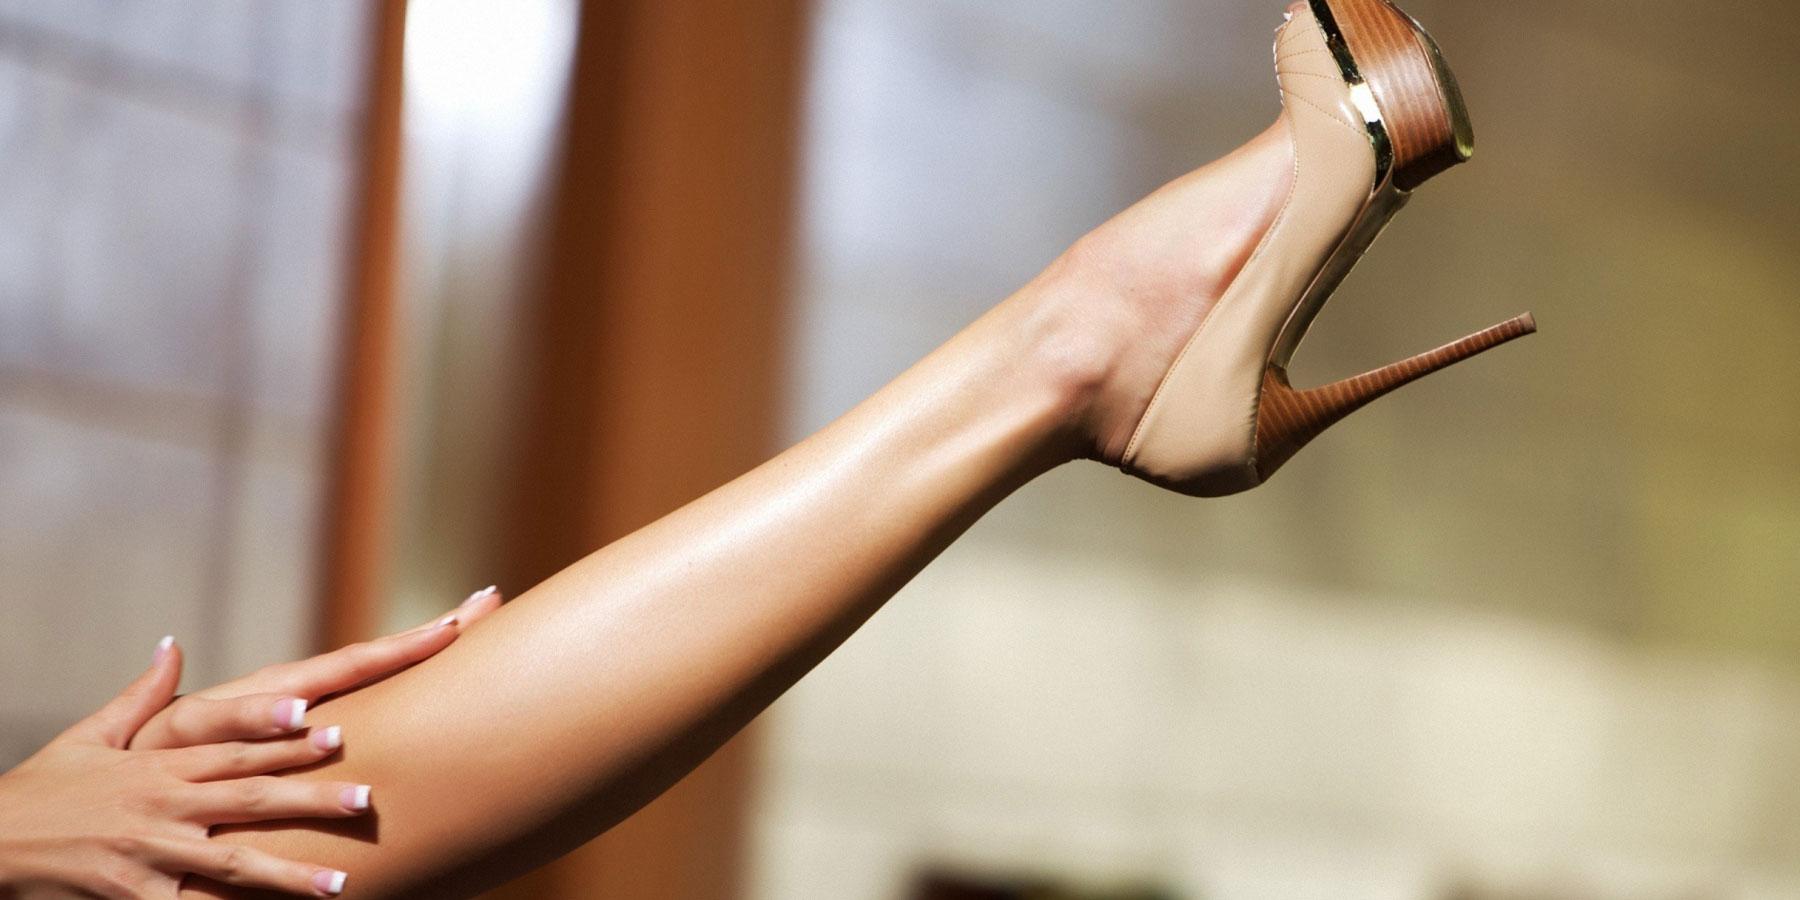 Цена красоты ног: лазерная эпиляция в Москве